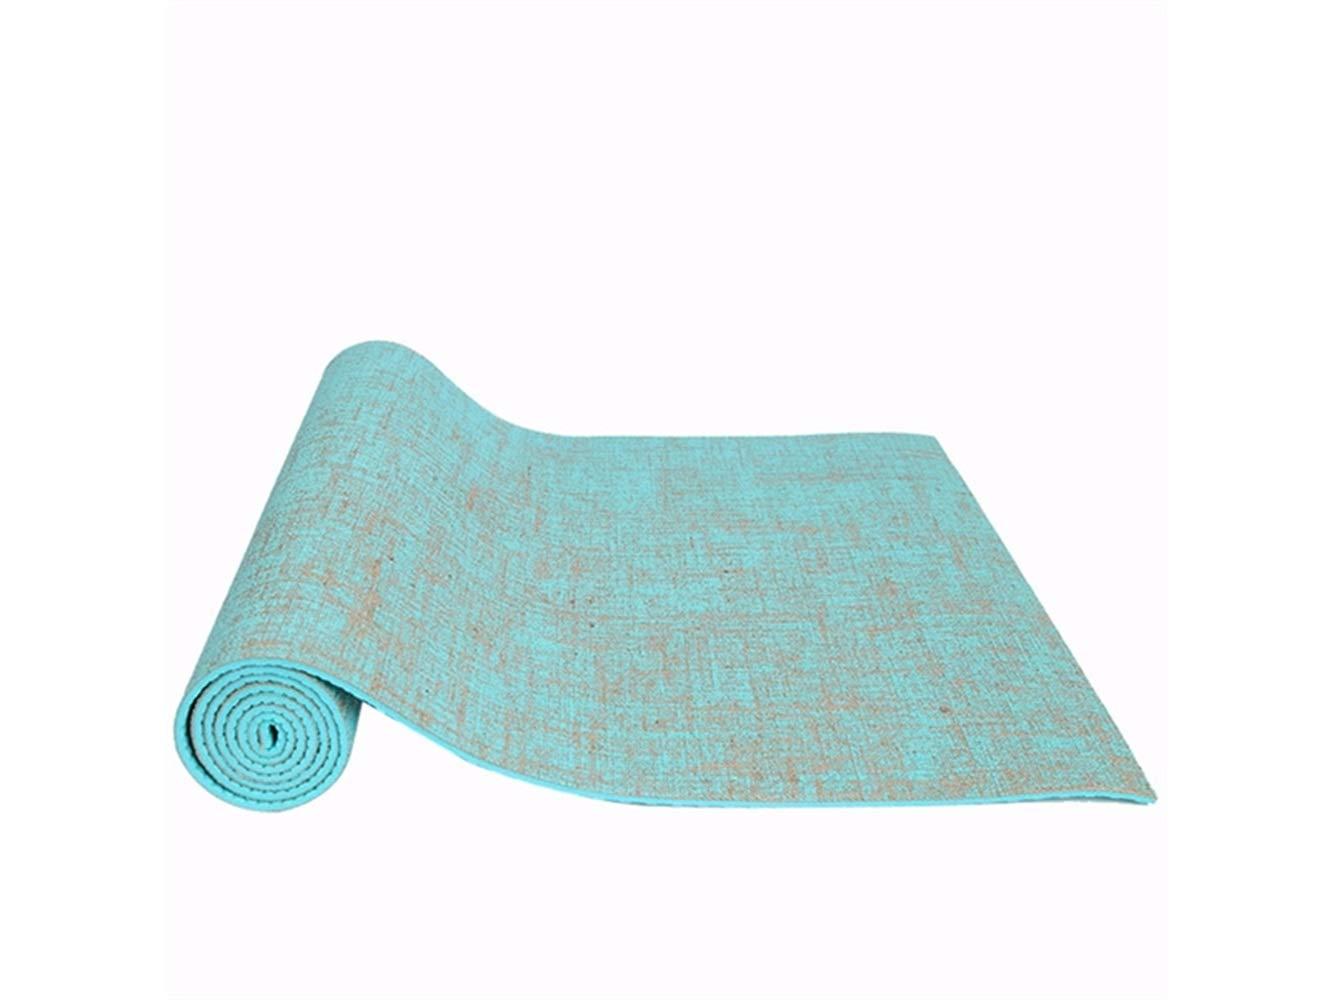 FERFERFERWON Übungszubehör Leinen-Yoga-Matte verlängert Fitness-Matte Rutschfeste Faltbare Yoga-Matte (Himmelblau) Trainingsgerät